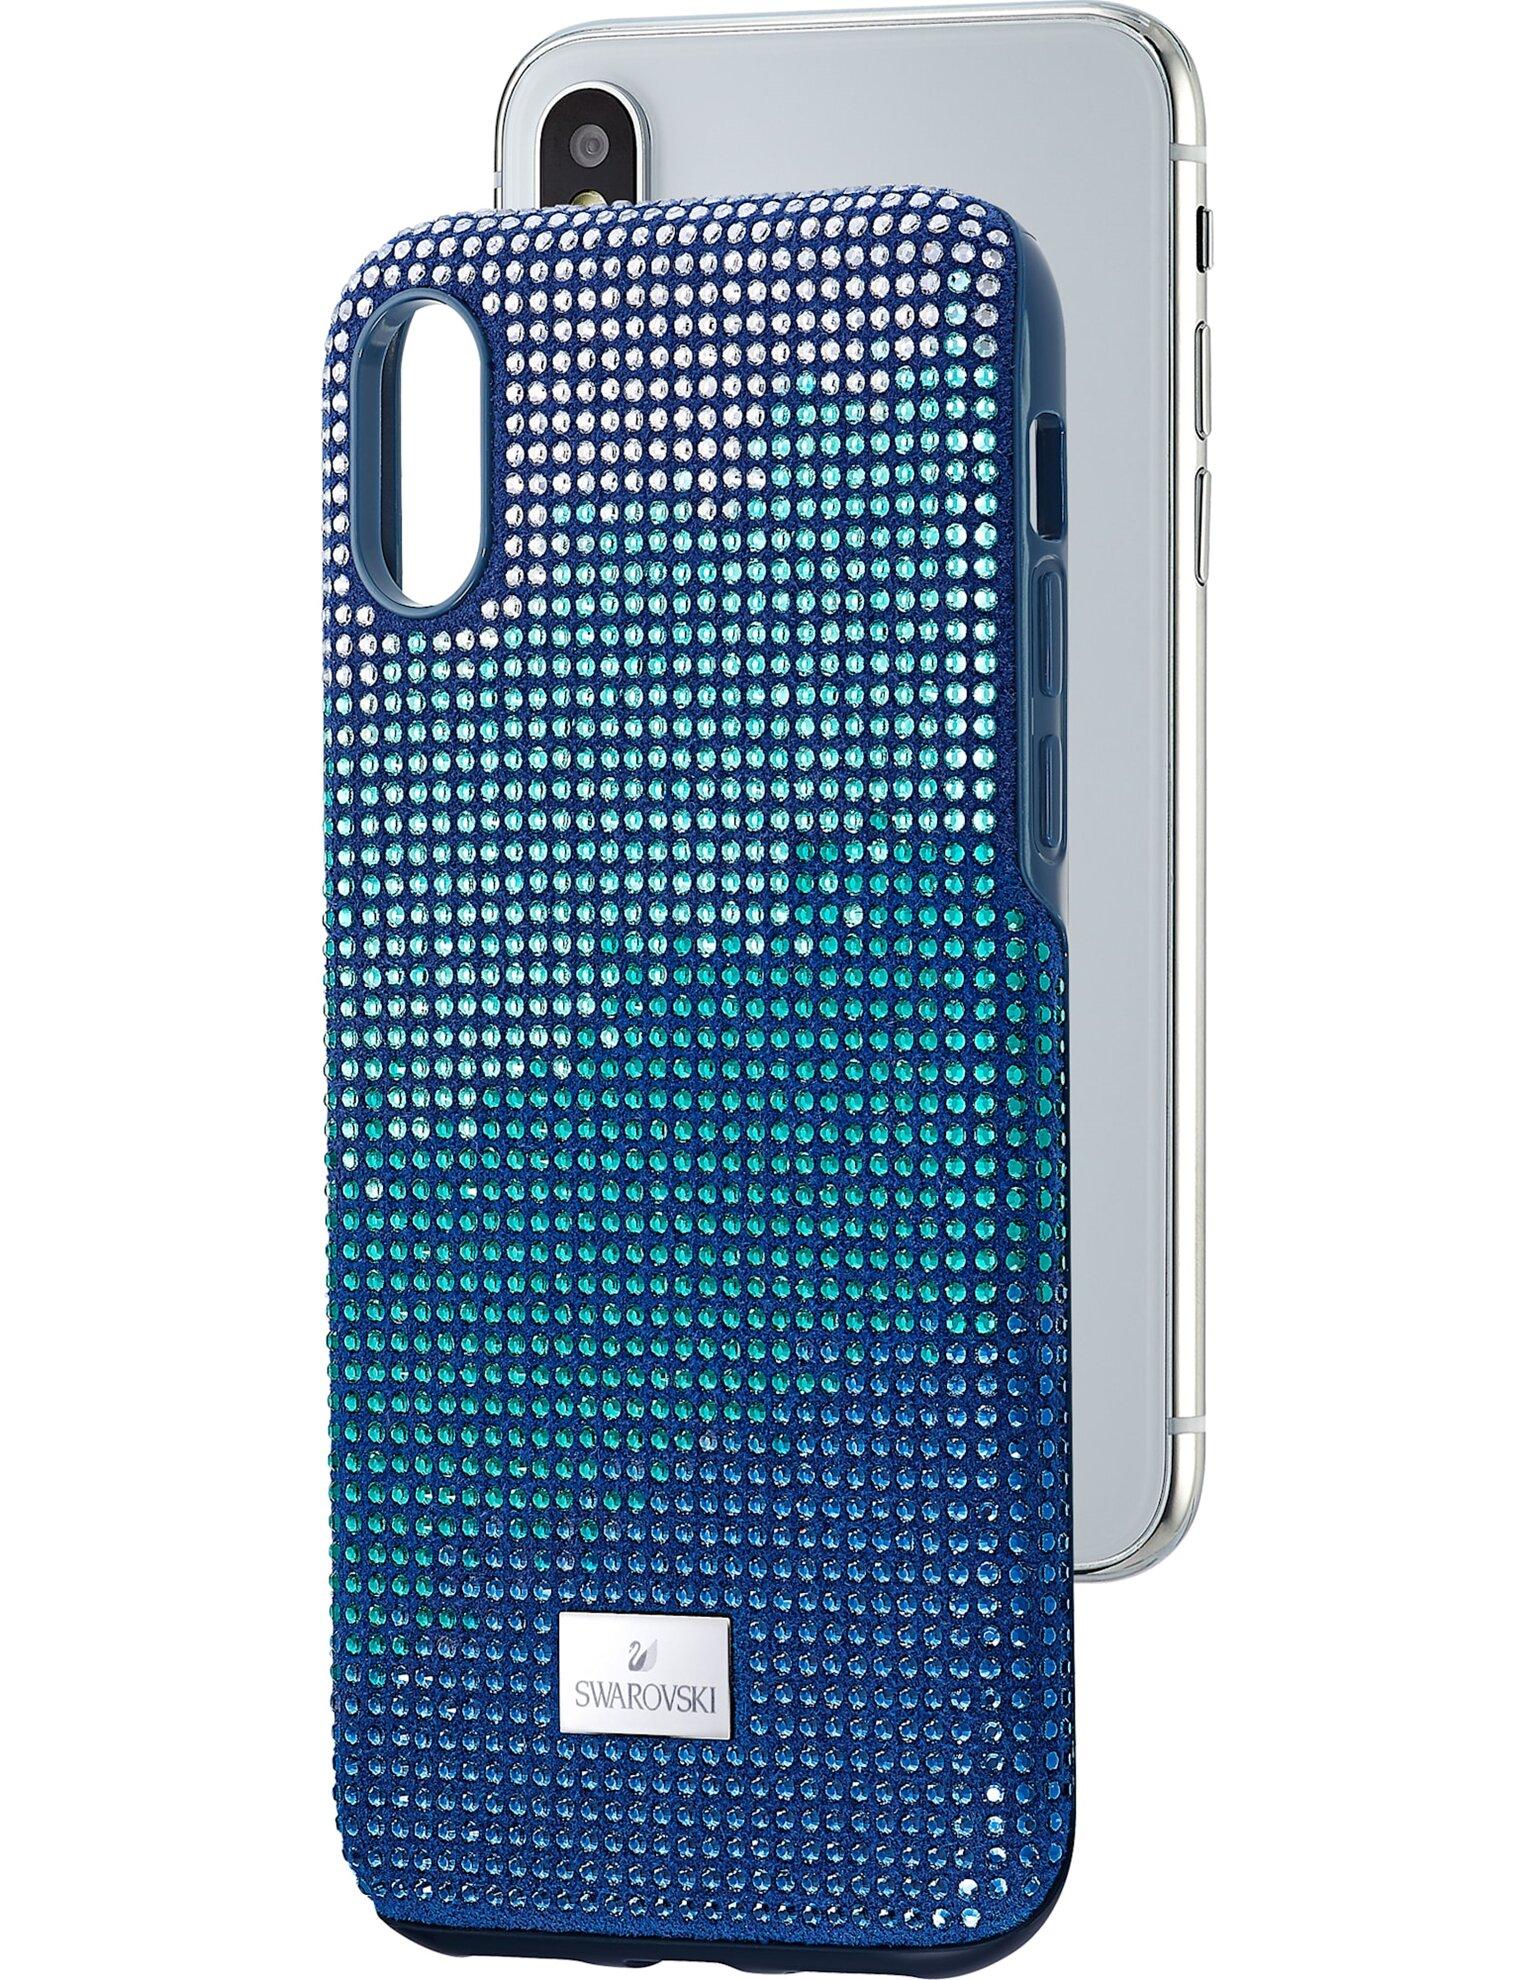 Picture of Crystalgram Koruyuculu Akıllı Telefon Kılıf, iPhone® XS Max, Mavi